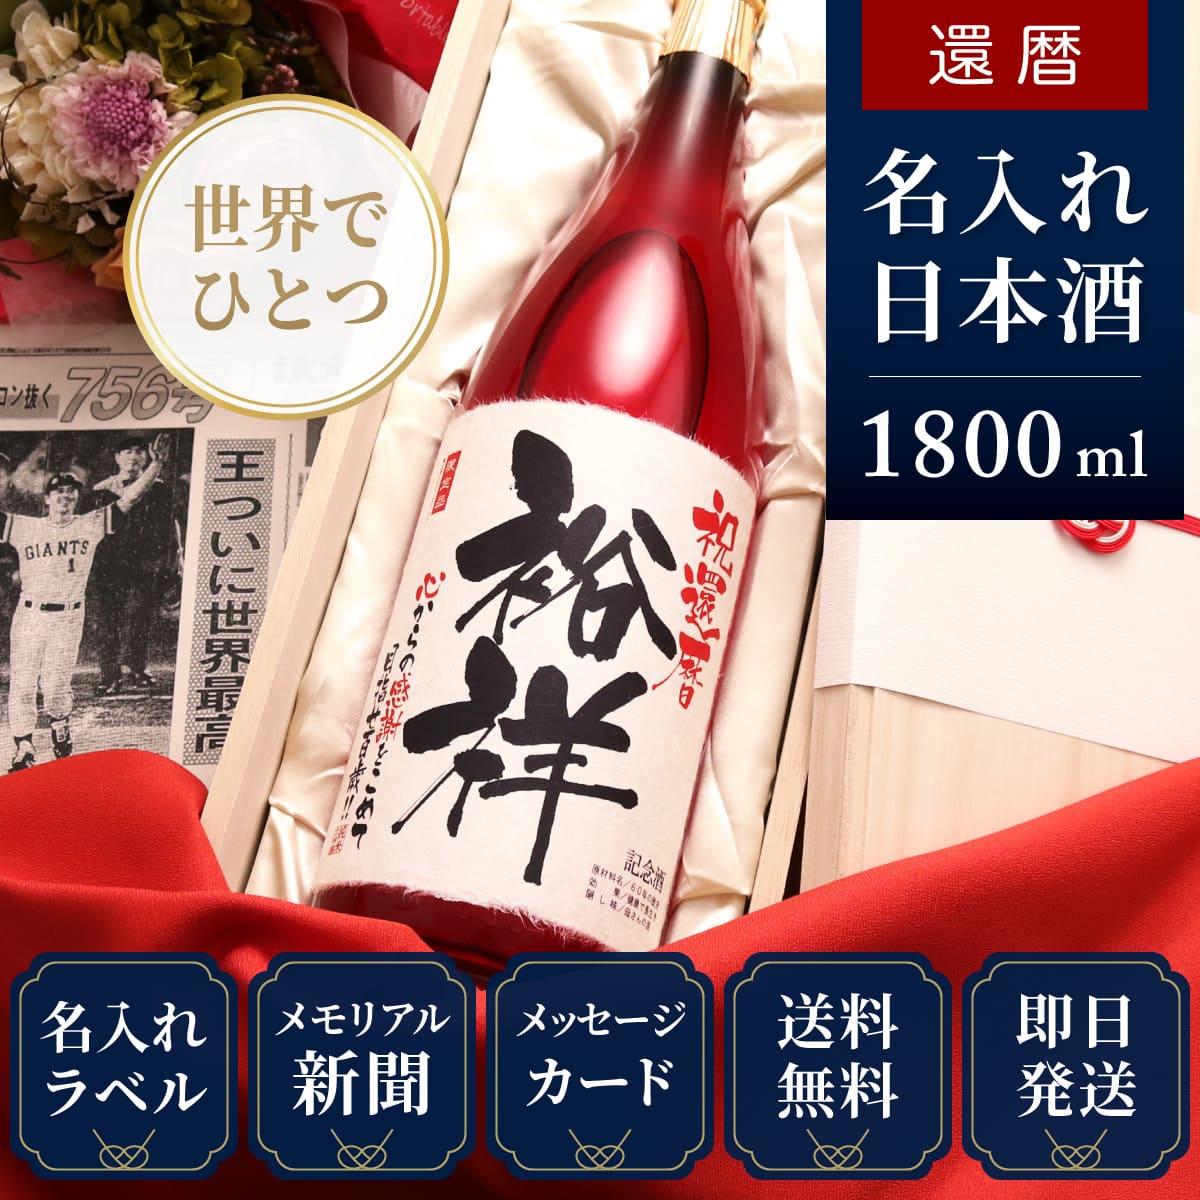 還暦のプレゼント「真紅」父親向け贈り物(日本酒)